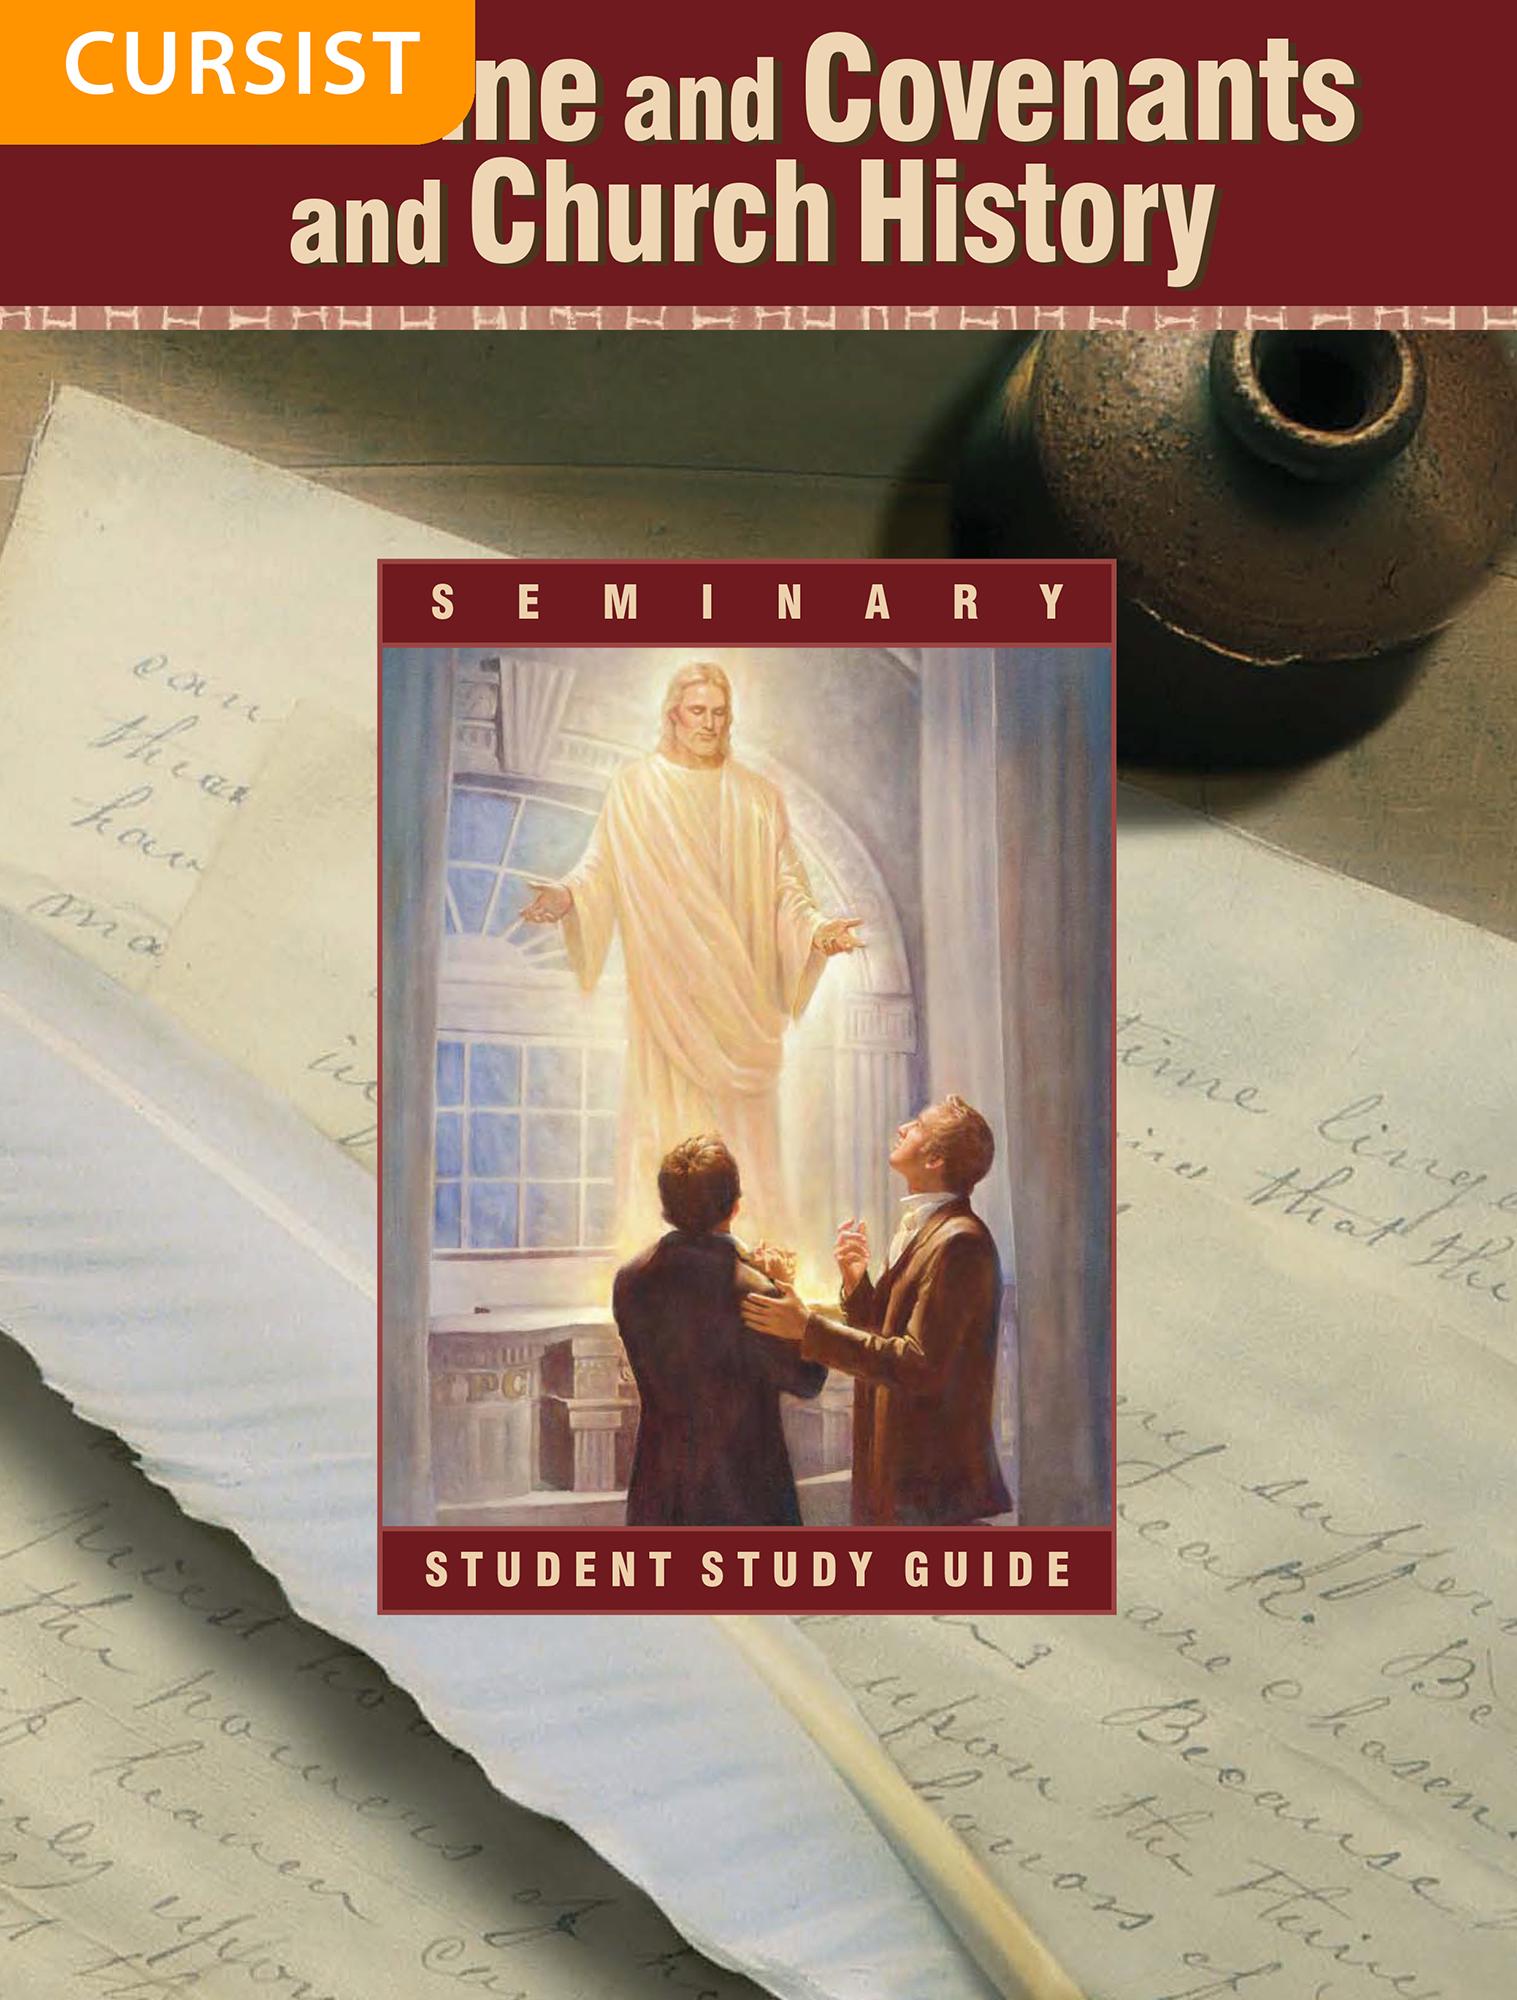 Leer en Verbonden en kerkgeschiedenis — leergids voor de seminariecursist